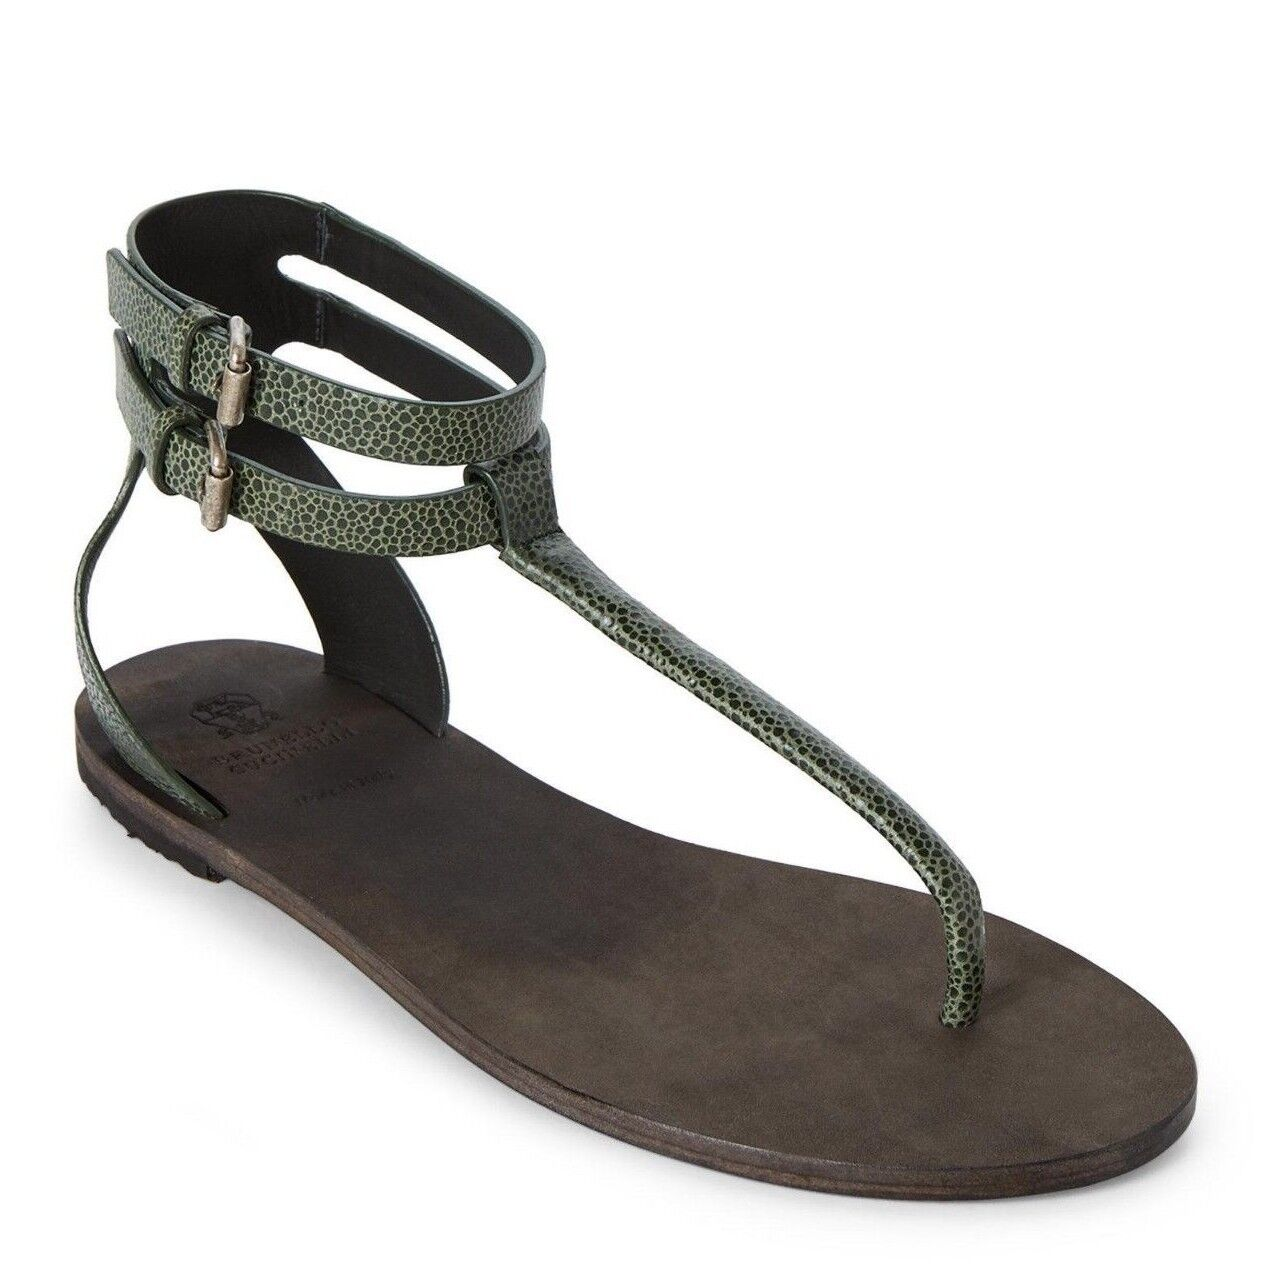 850 BRUNELLO CUCINELLI CUCINELLI CUCINELLI verde Leather T-STRAP Sandals scarpe EUR-37 US-7 ITALY 86d792